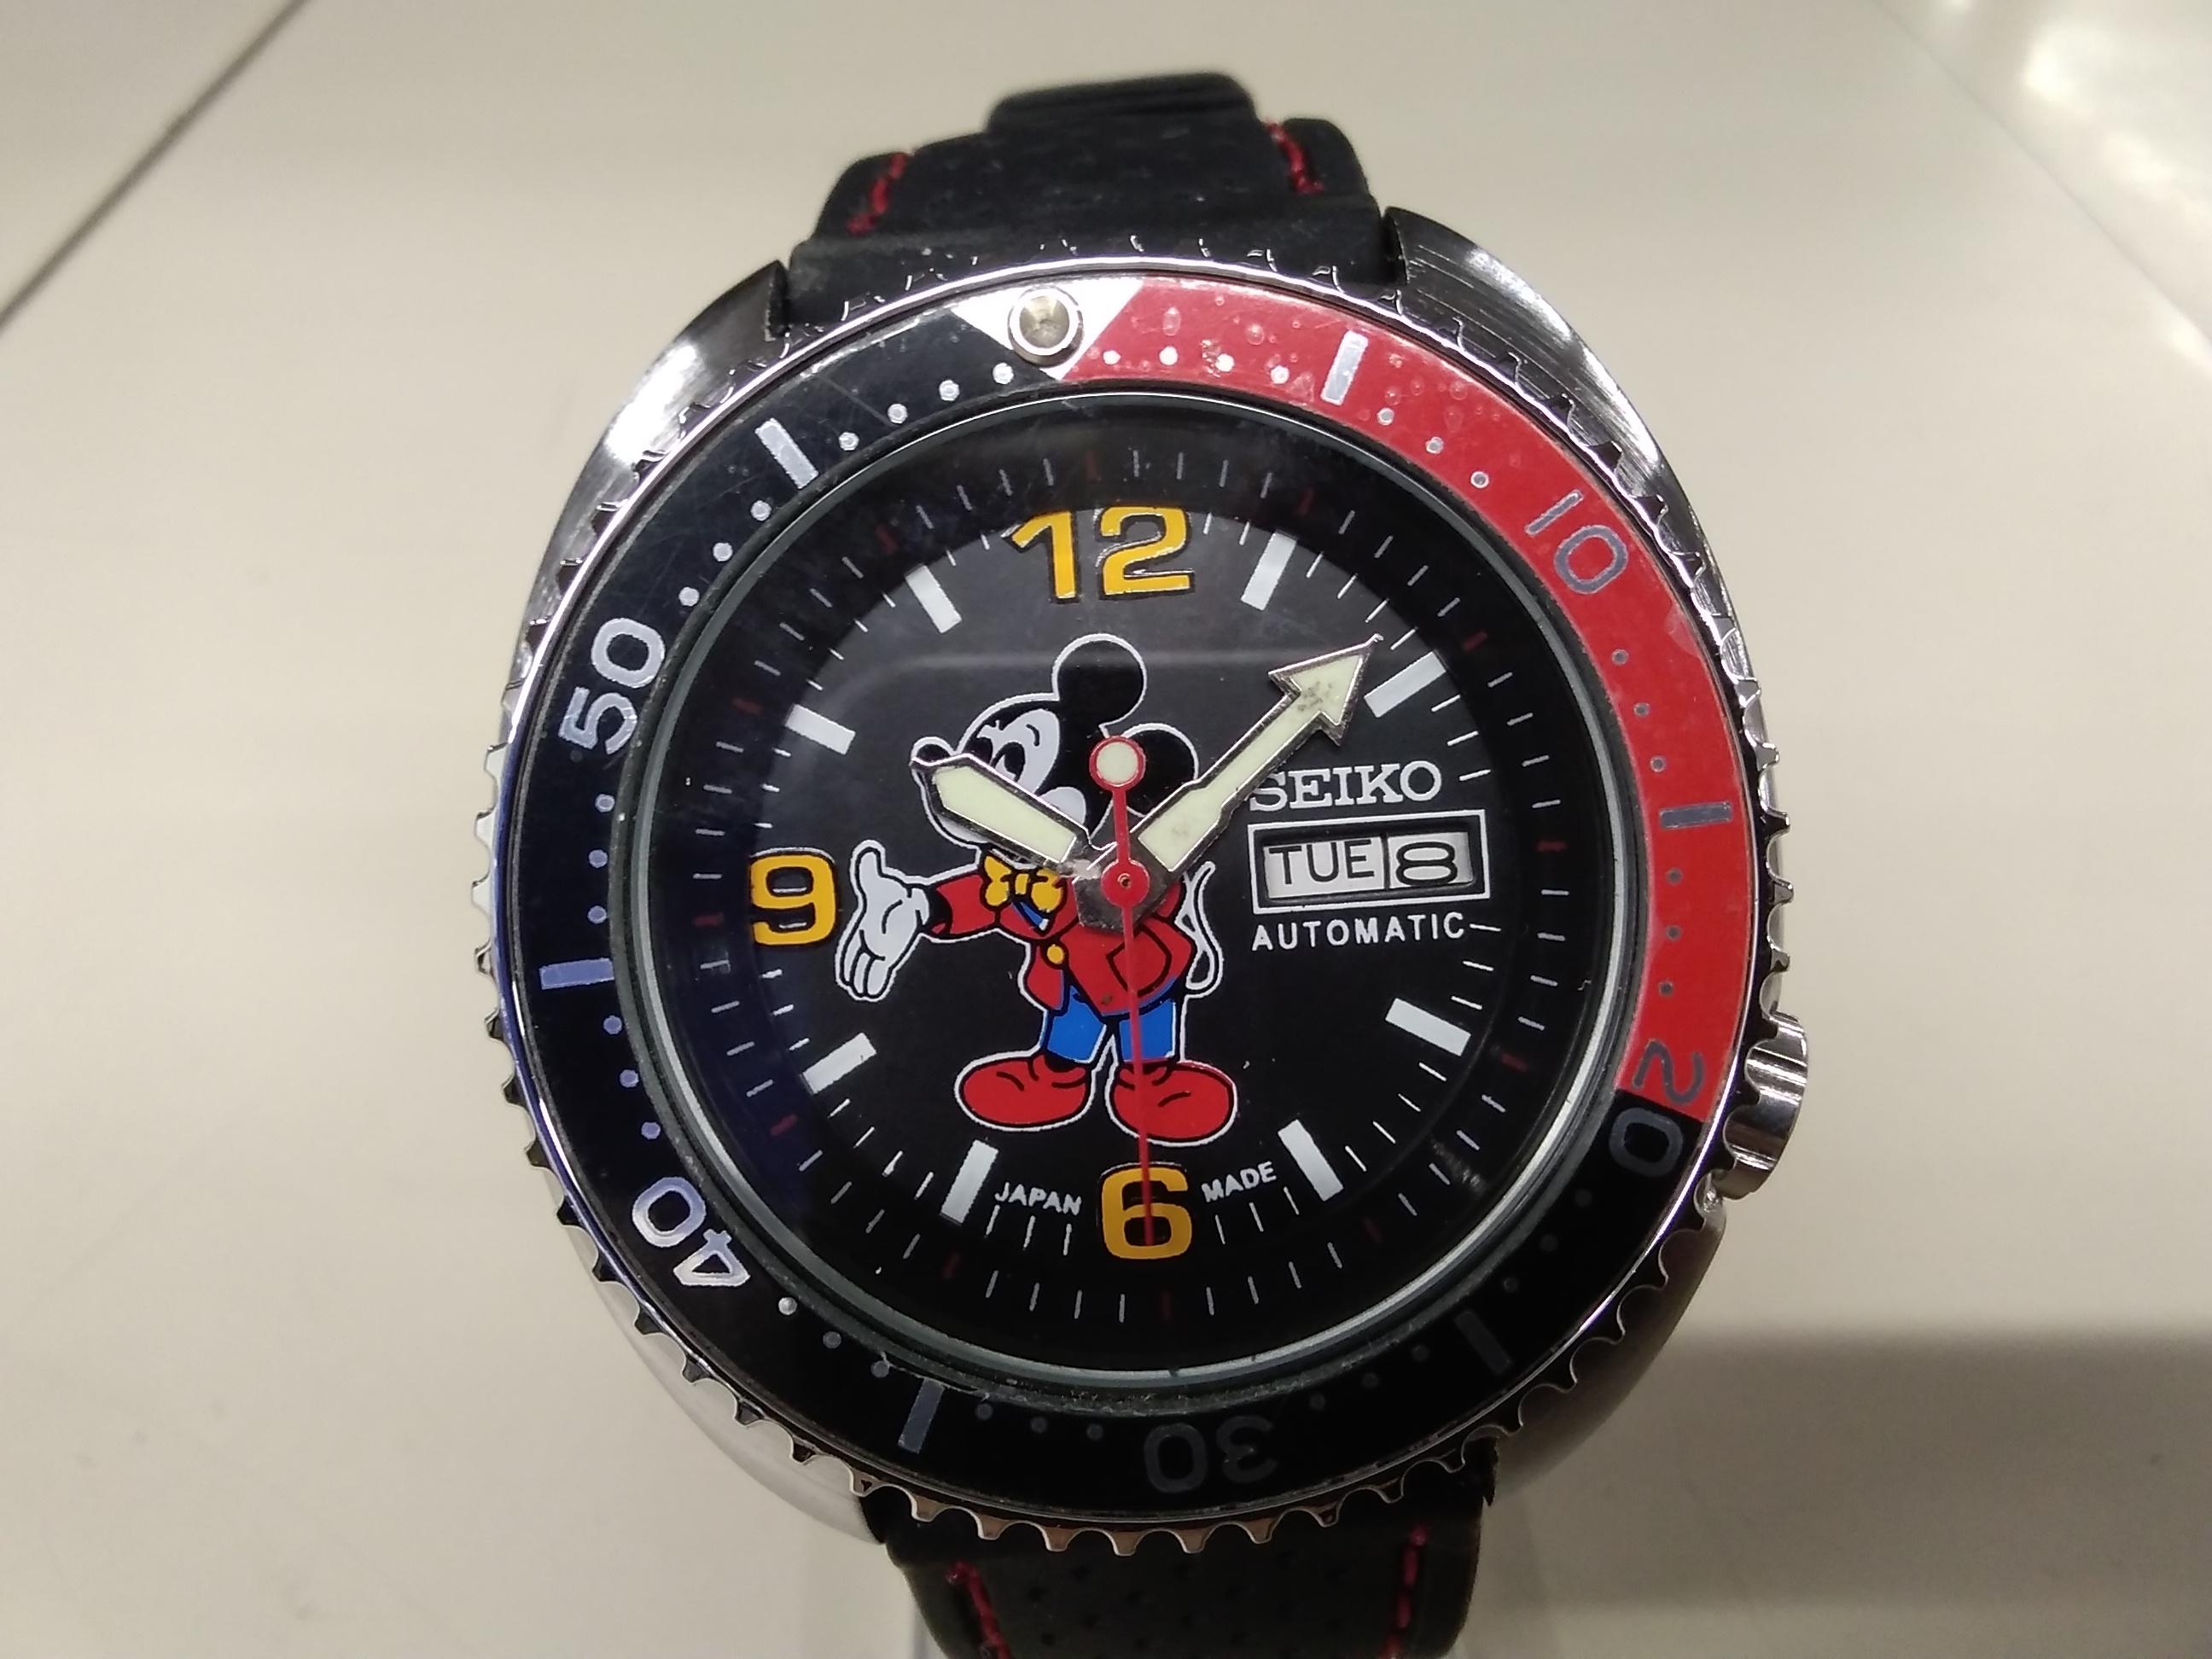 自動巻き腕時計 ミッキーマウスモデル|SEIKO